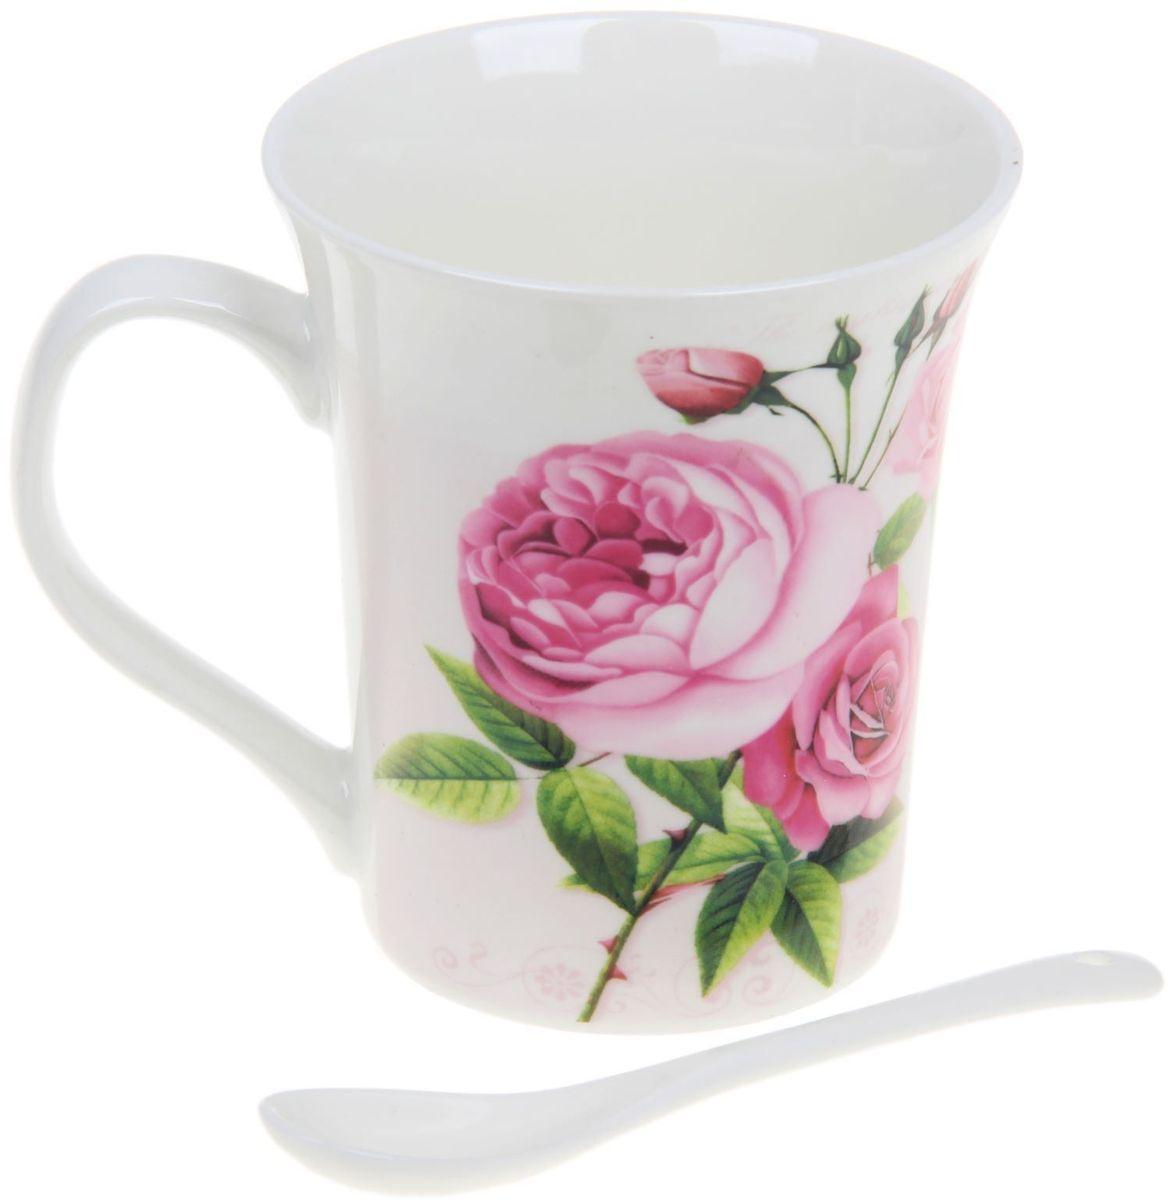 Кружка Доляна Букет цветов, с ложкой, 300 мл68/5/4Кружка Доляна Букет цветов изготовлена из керамики. Она украшена оригинальным цветочным принтом. В комплекте ложка.Кружка станет отличным подарком для родных и близких. Это любимый аксессуар на долгие годы. Относитесь к изделию бережно, и оно будет дарить прекрасное настроение каждый день.